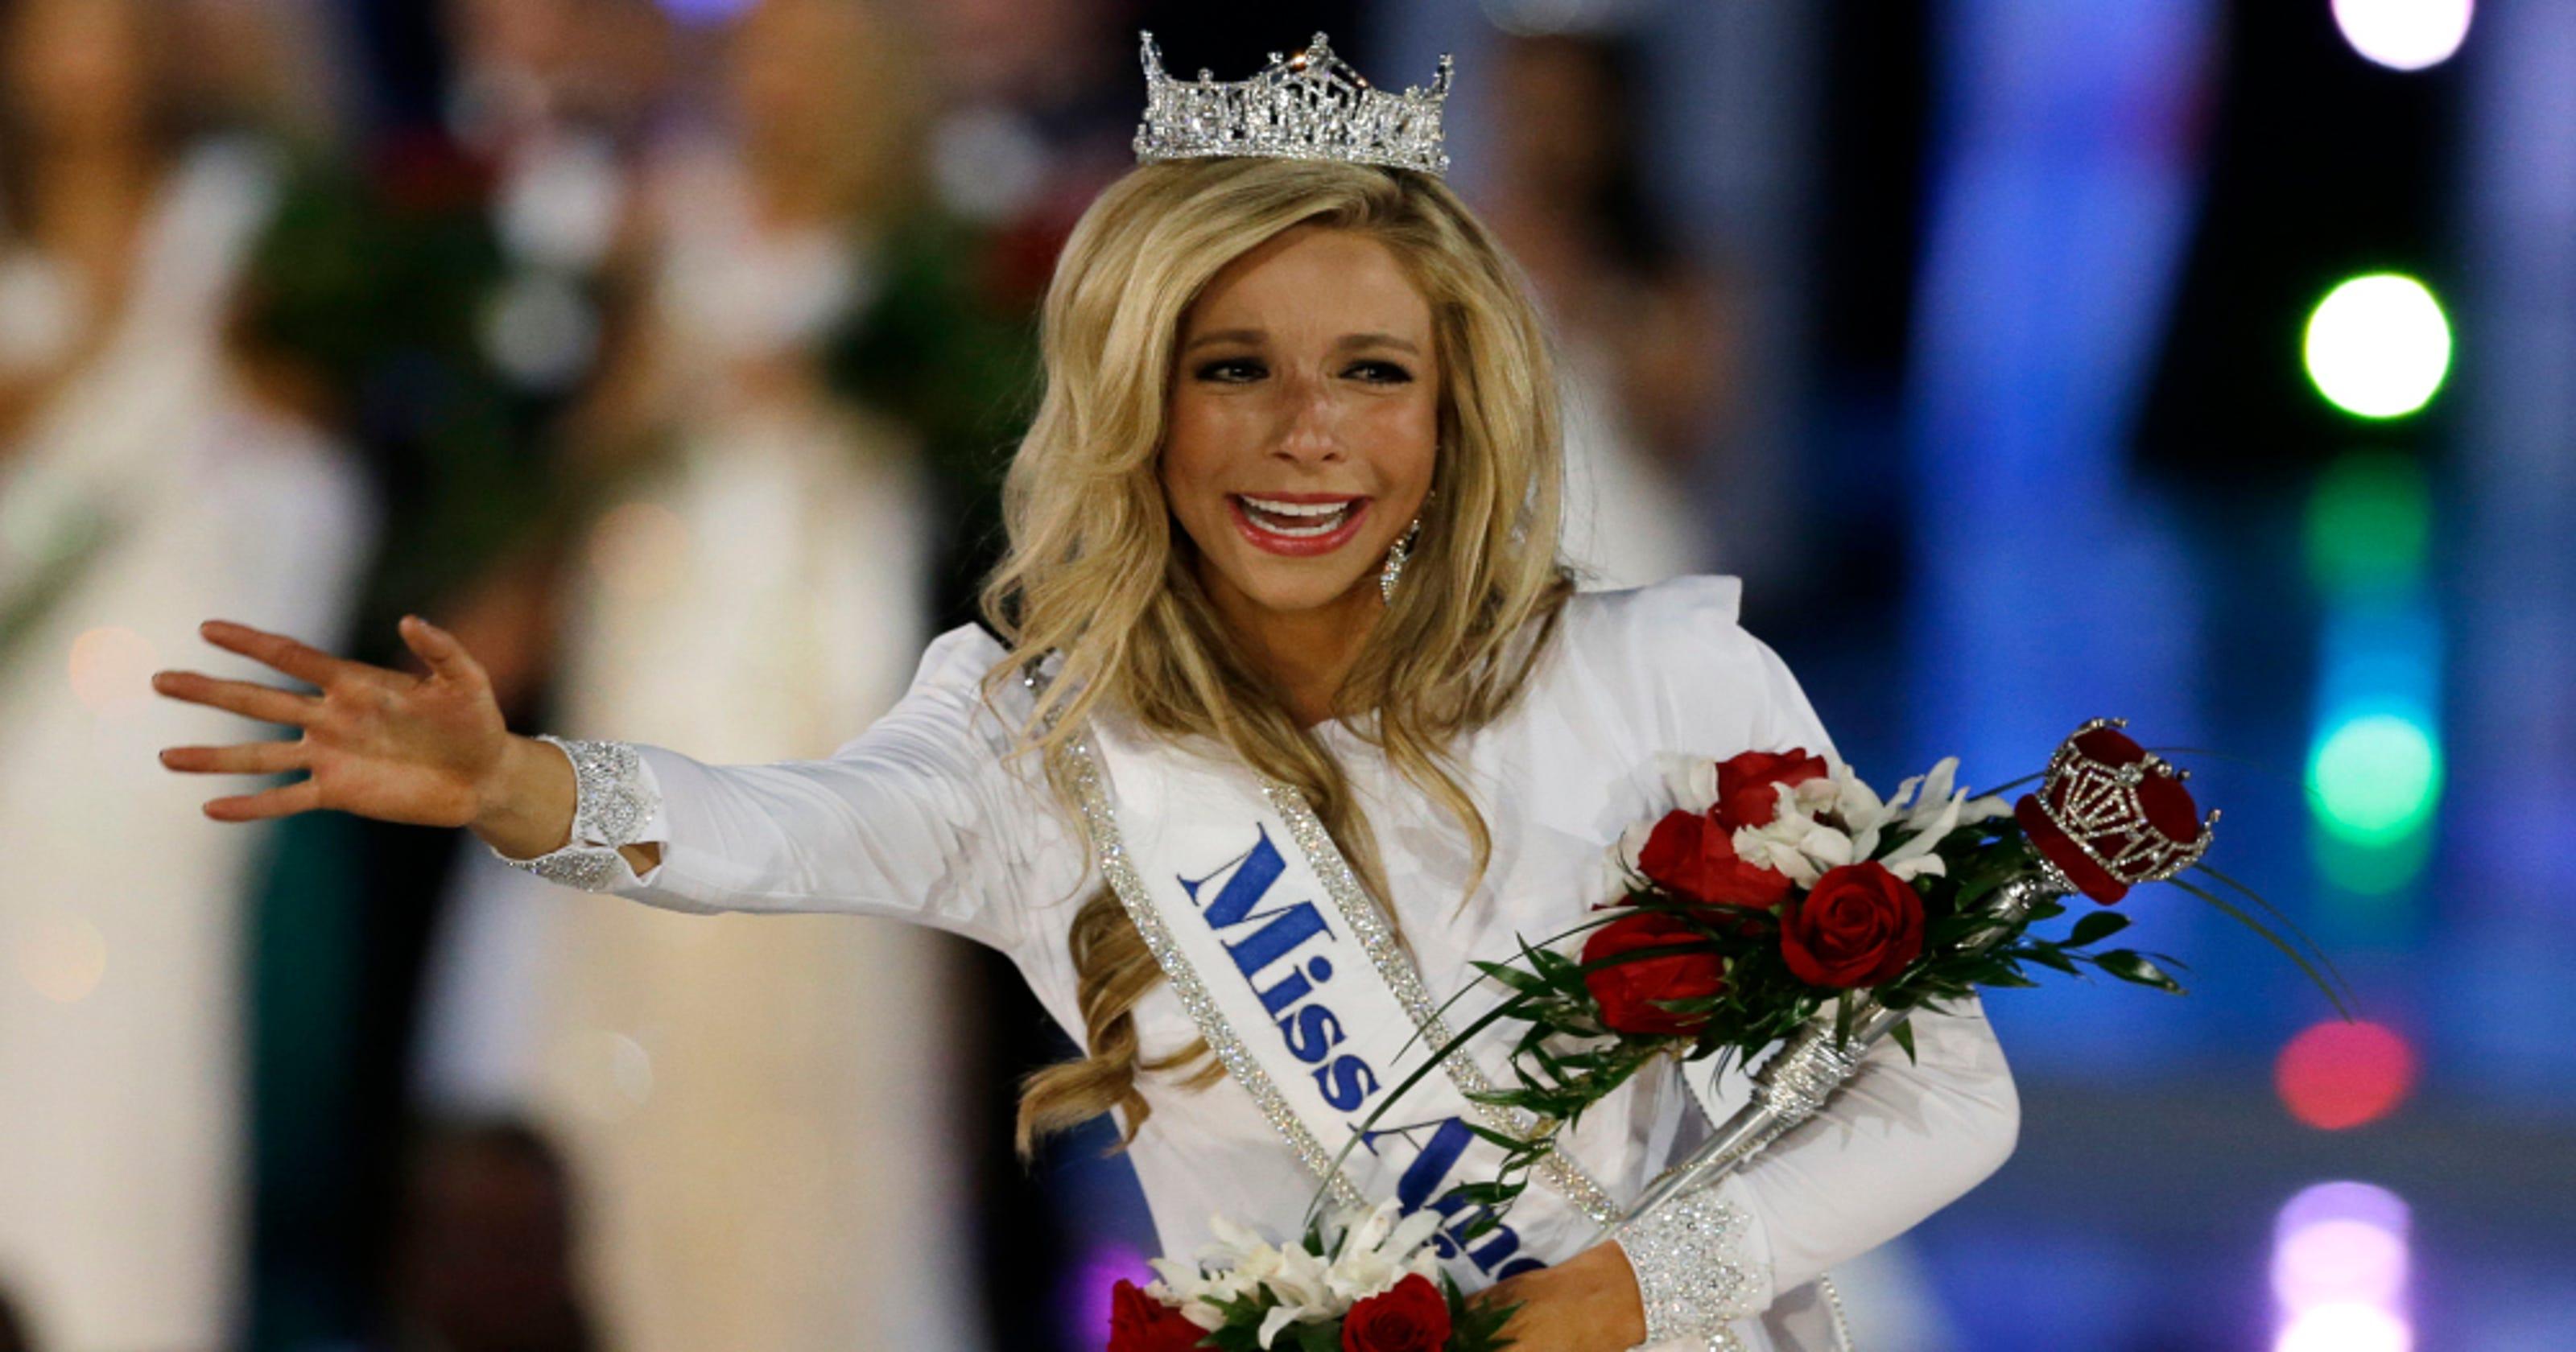 Here she is     Miss America 2015